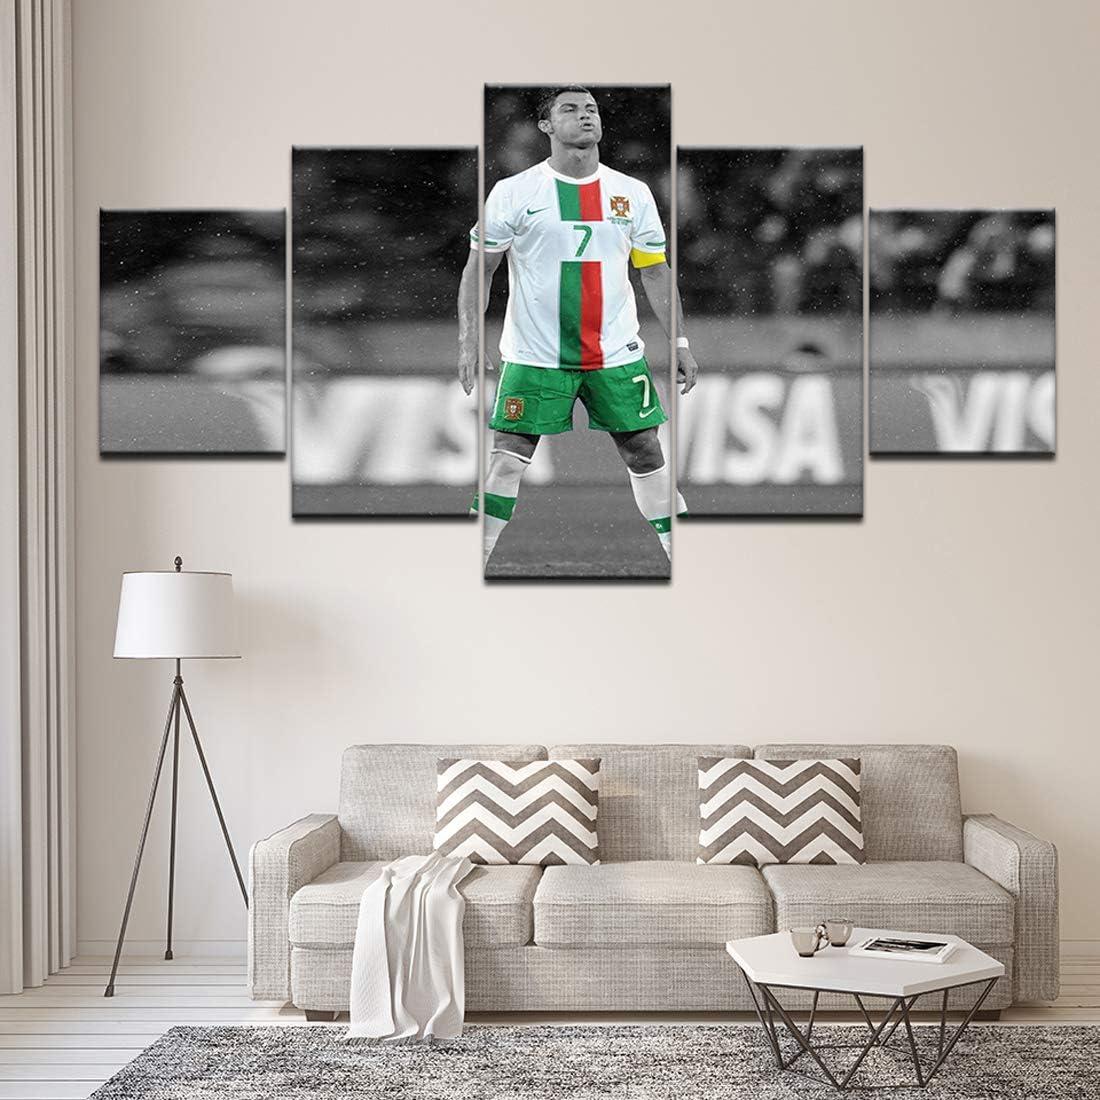 Angle&H 5 Piezas Modular Futbolín Mural Cristiano Ronaldo Cartel de Fondos de Pantalla Casa Sala de Niños Decoración Lona Impreso Pintura,B,40x60x2+40x100x1+40x80x2: Amazon.es: Hogar